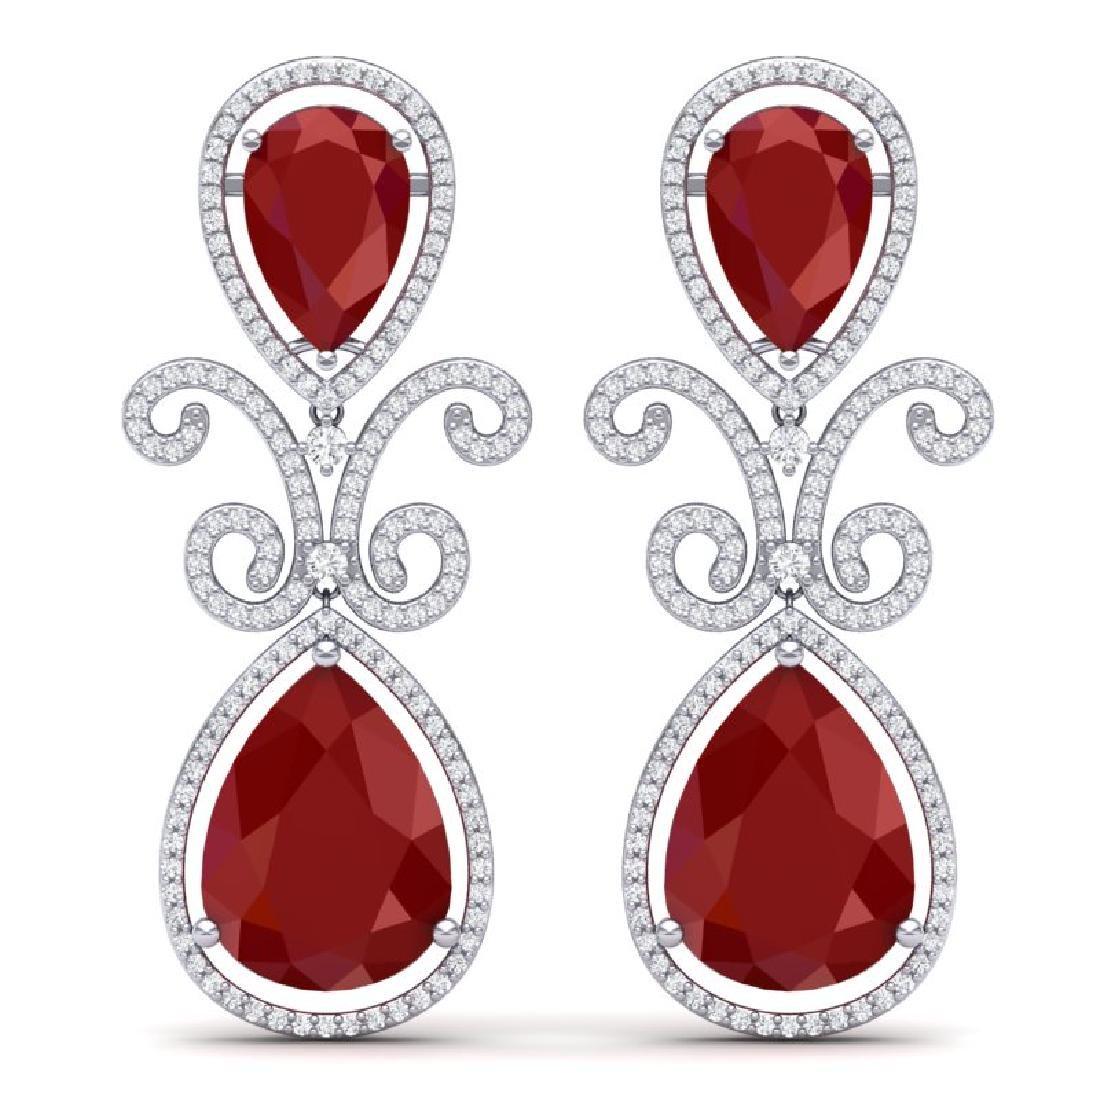 31.6 CTW Royalty Designer Ruby & VS Diamond Earrings